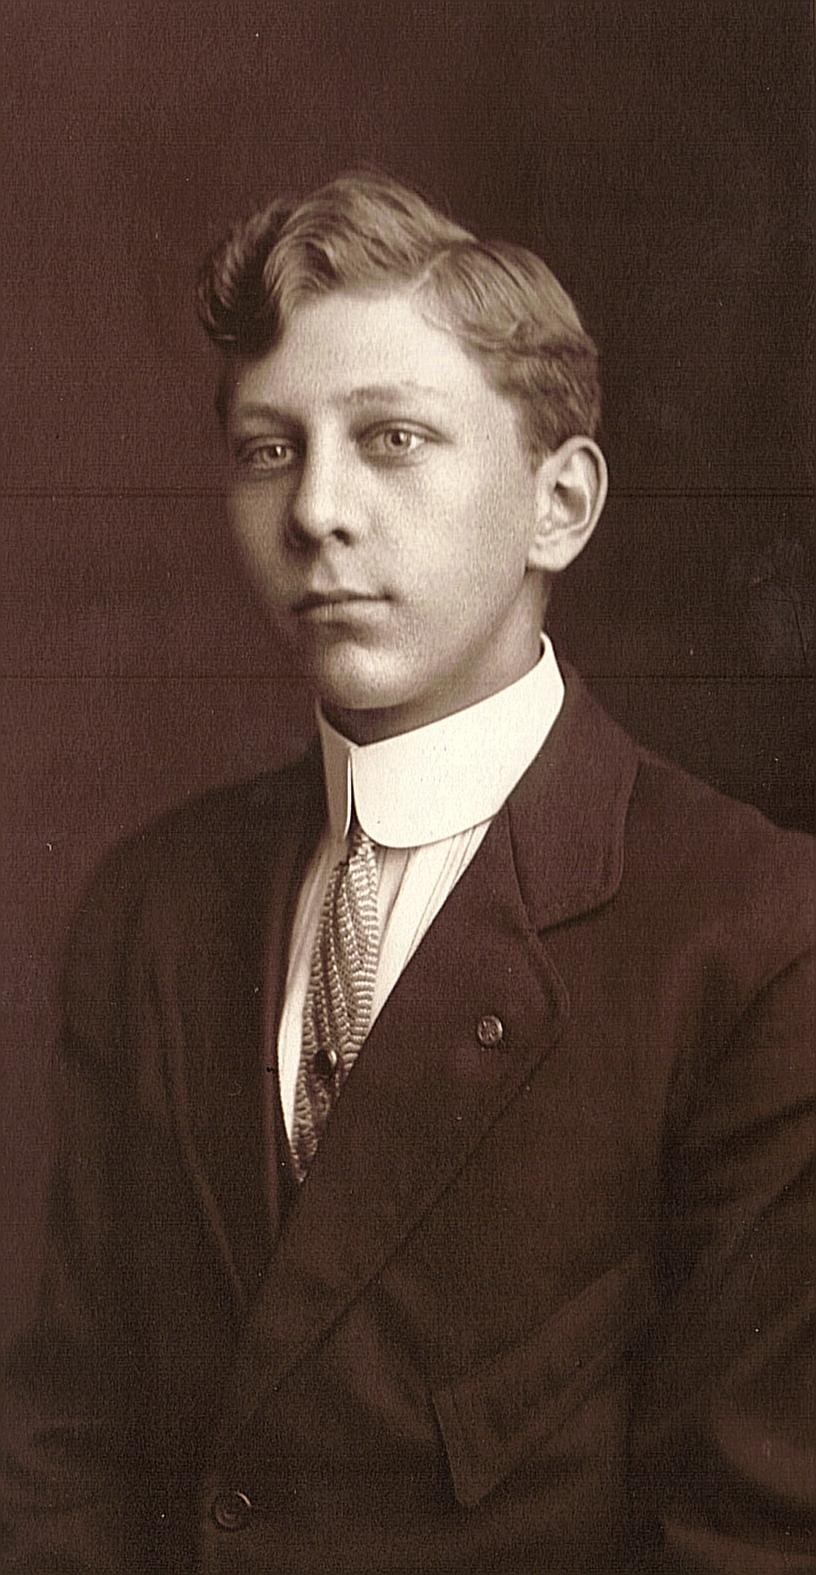 Luis Freitag